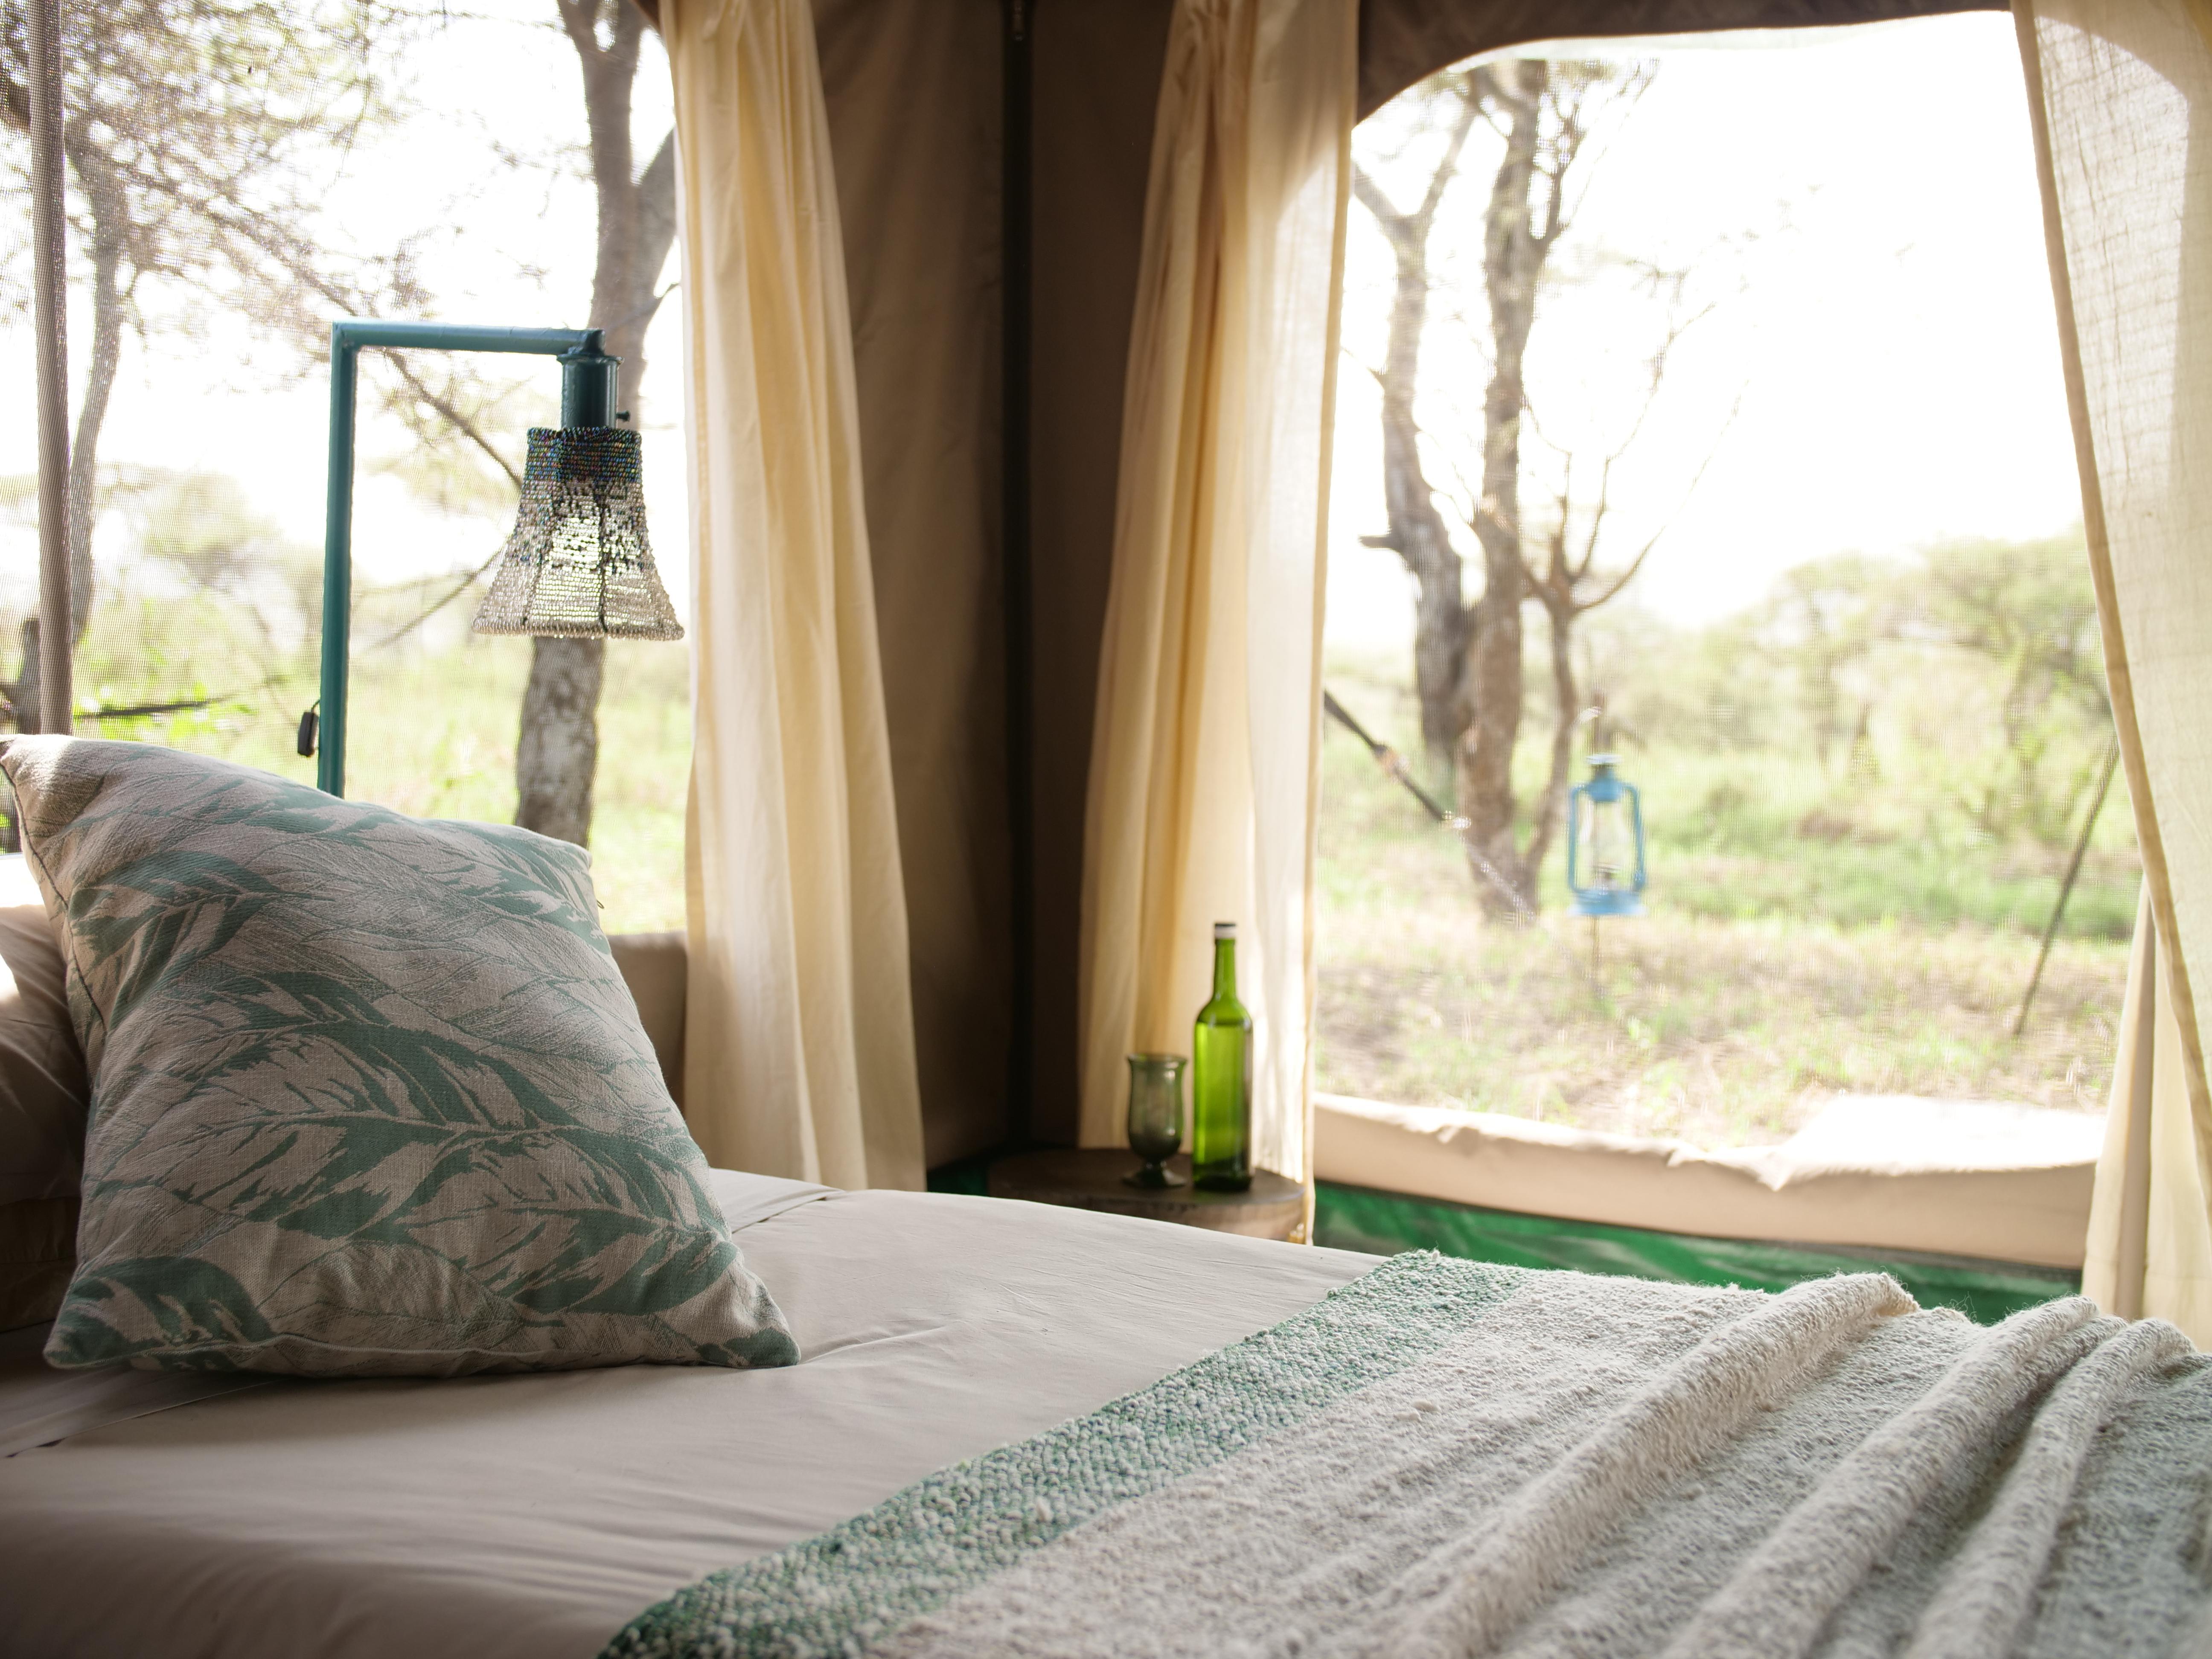 Naabi-Green-Camp-Tent.JPG#asset:116565